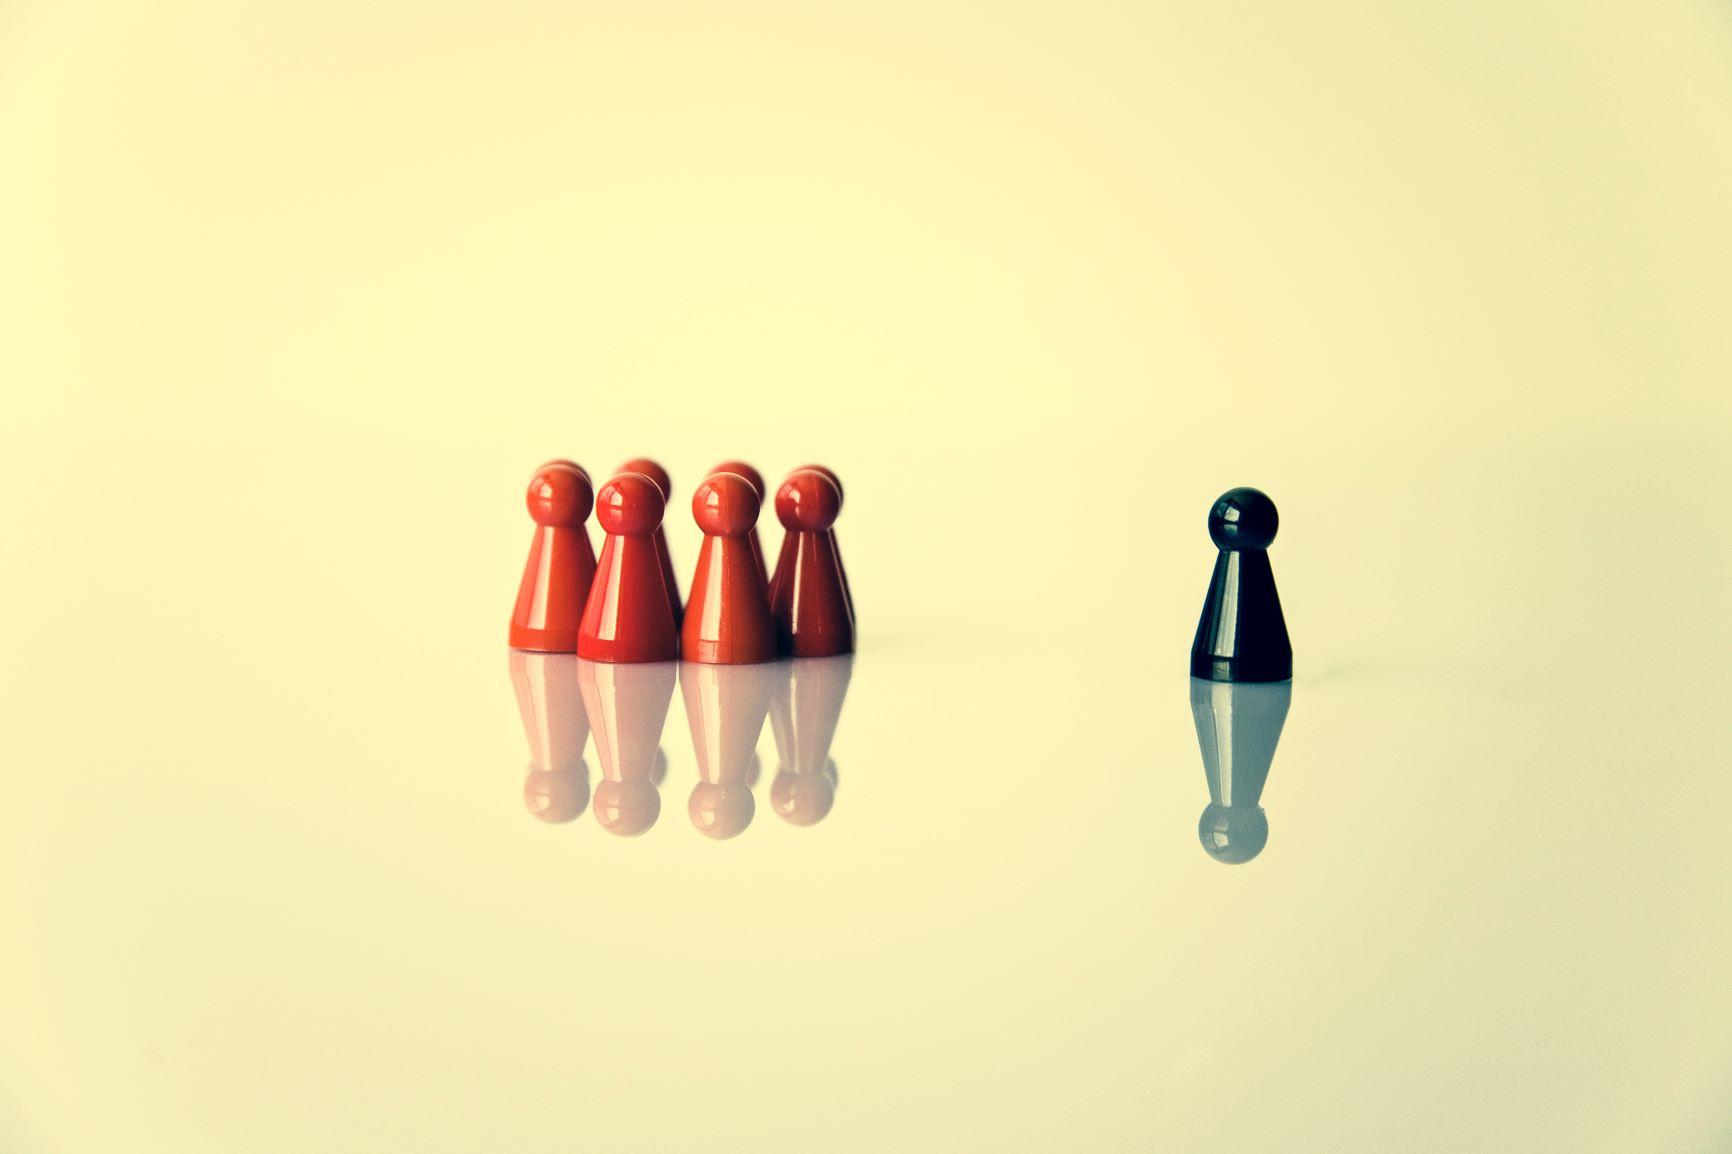 Social Distancing  เว้นระยะห่างทางสังคม ลดเสี่่ยงโควิด-19  thaihealth